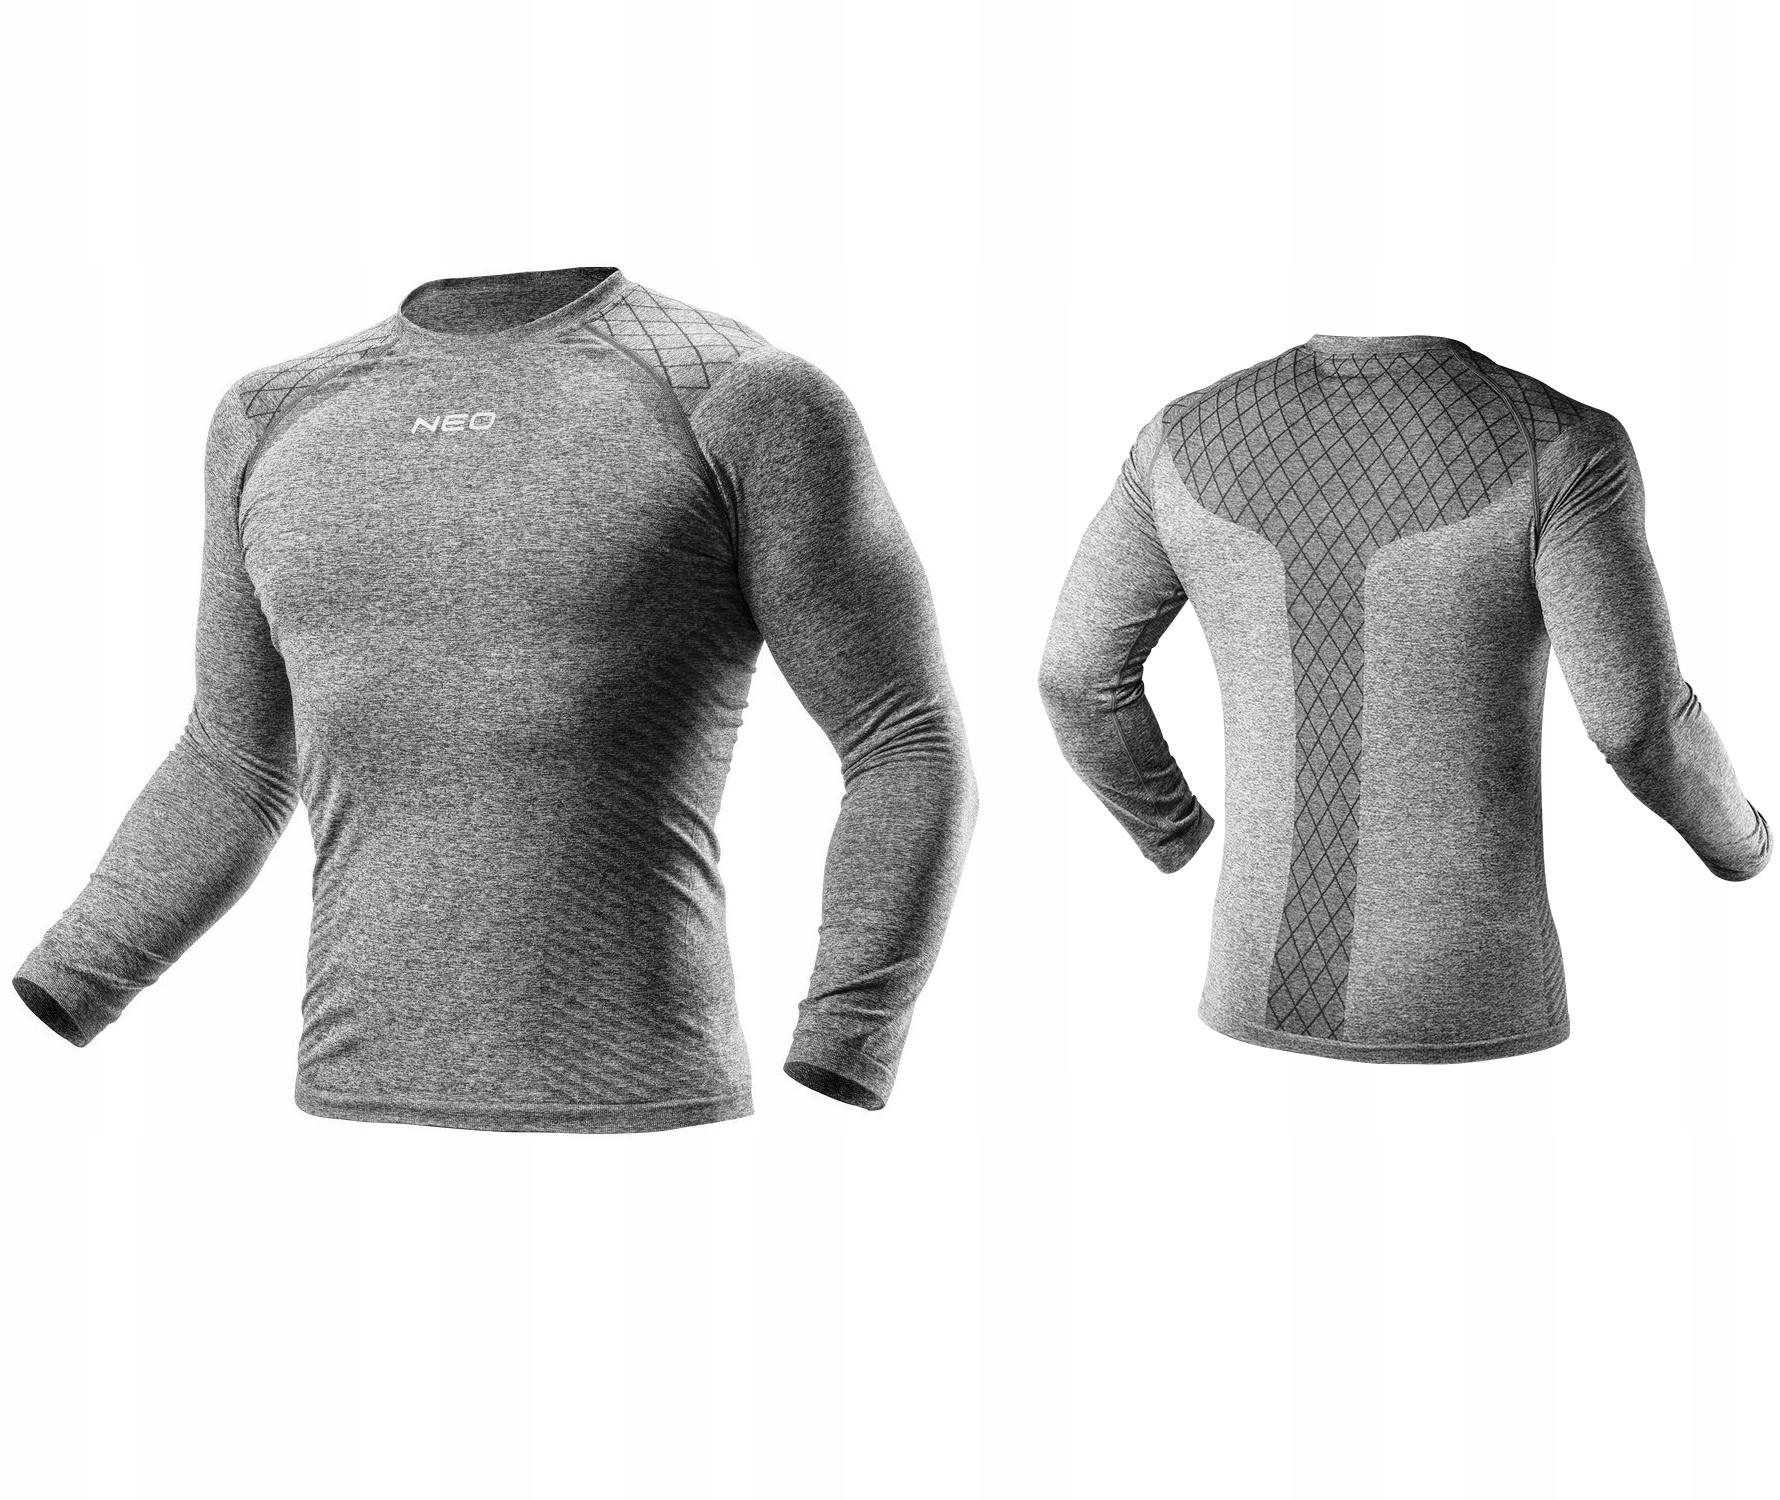 Termoaktívne tričko spodné prádlo 81-660-S / M Neo